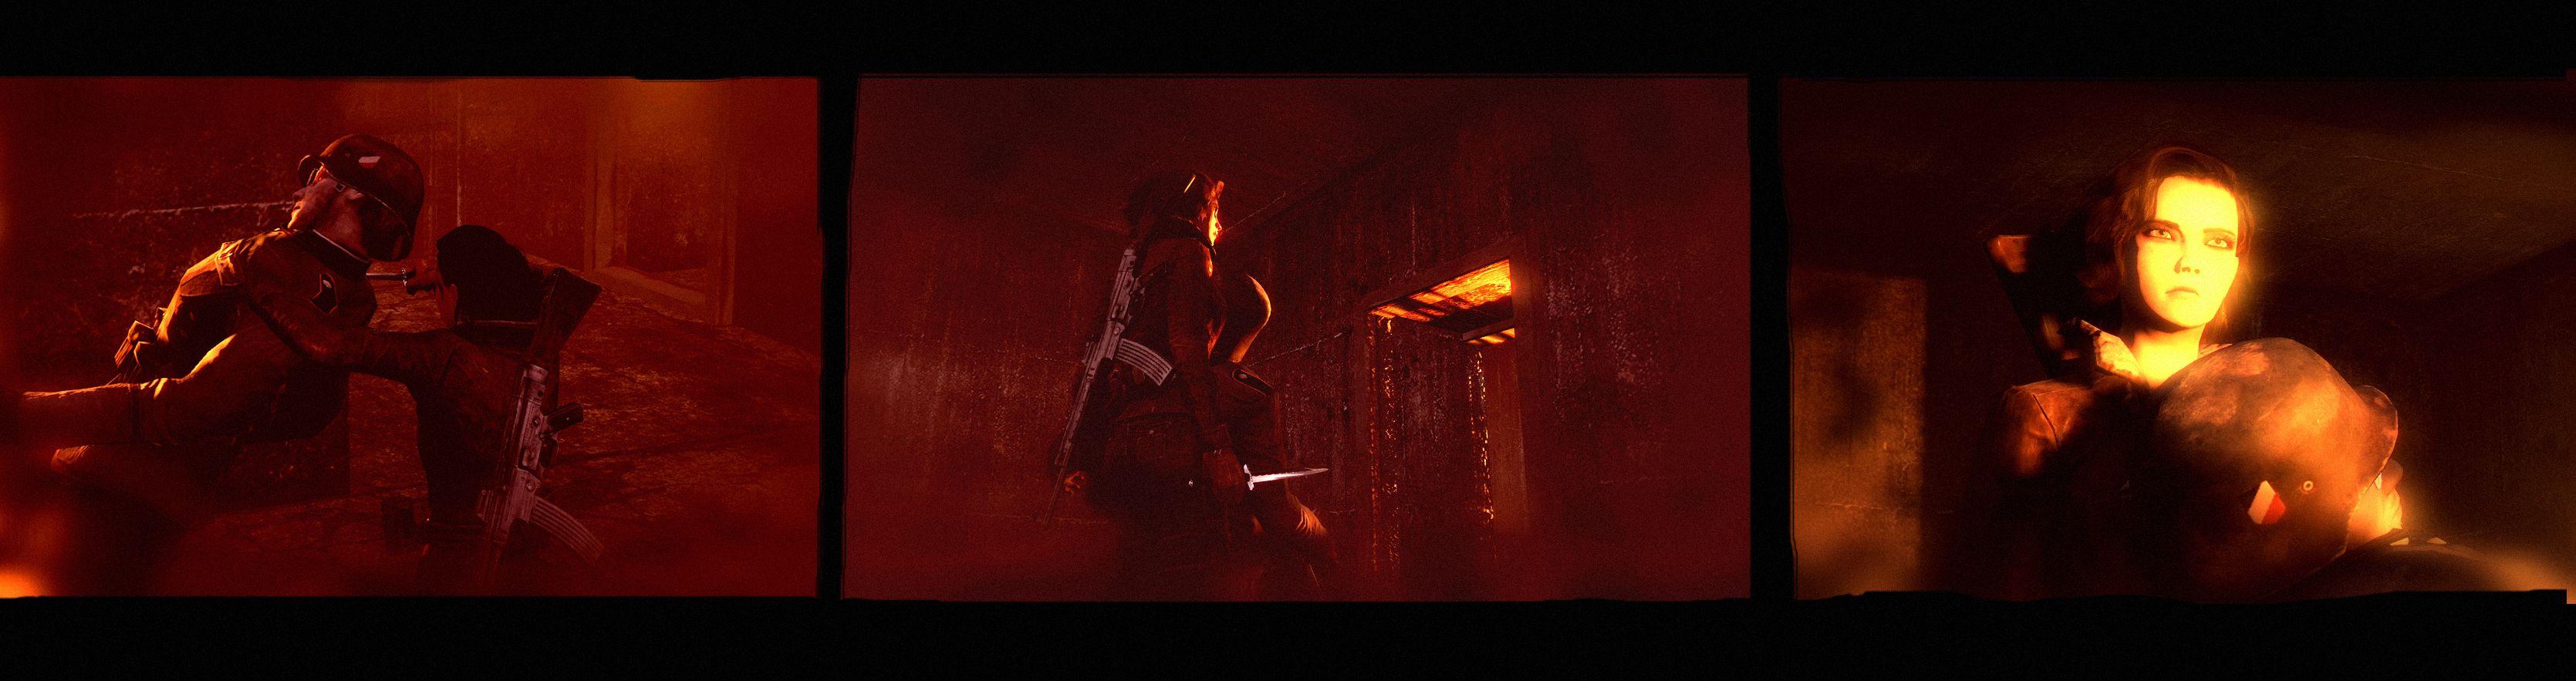 Video De Asesinatos Stealth En Velvet Assassin Lagzero